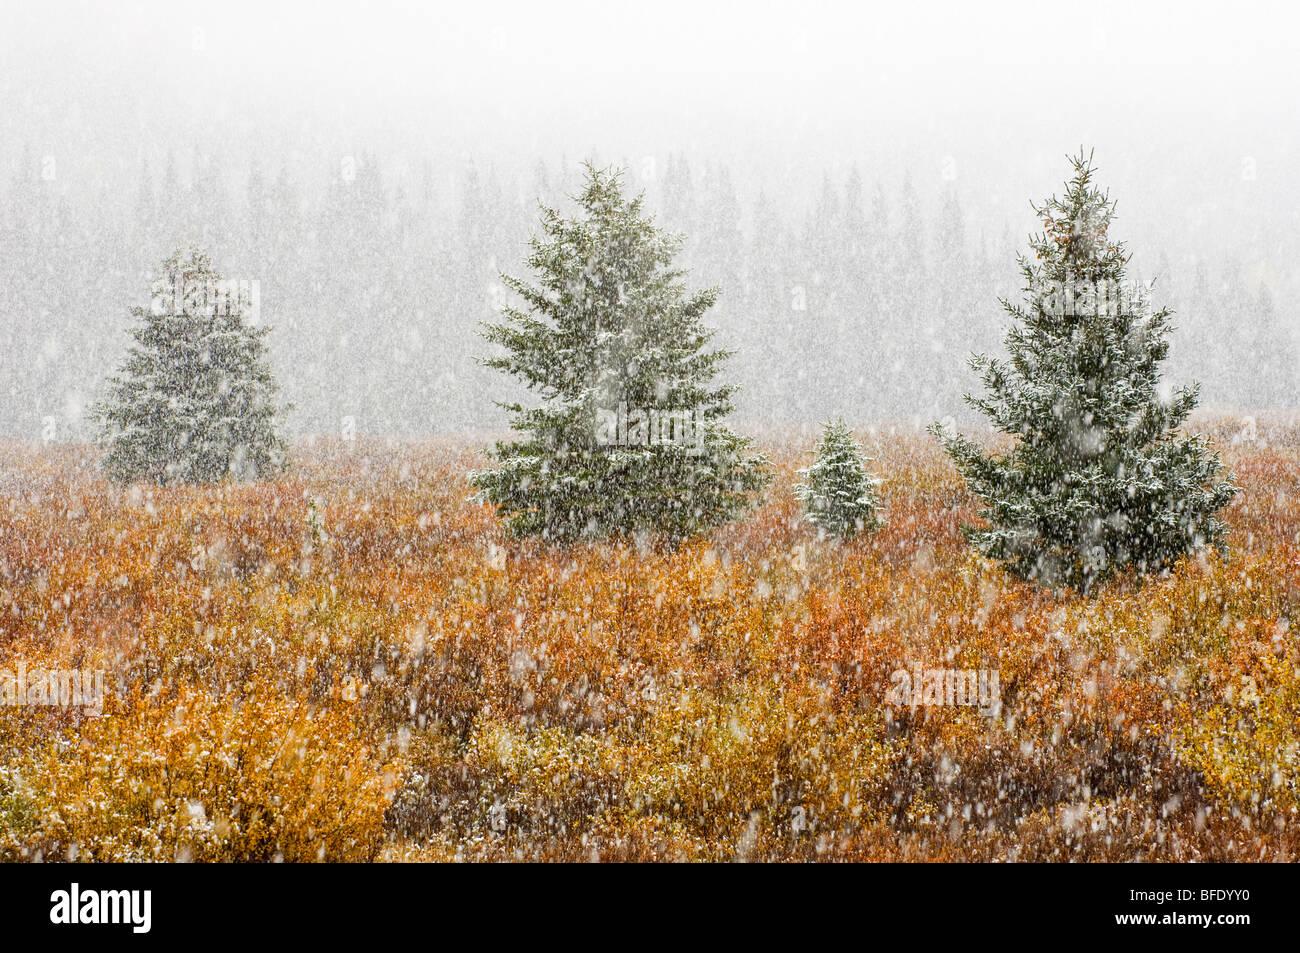 Schneefall auf Wiese in herbstlichen Farben, Banff Nationalpark, Alberta, Kanada Stockbild